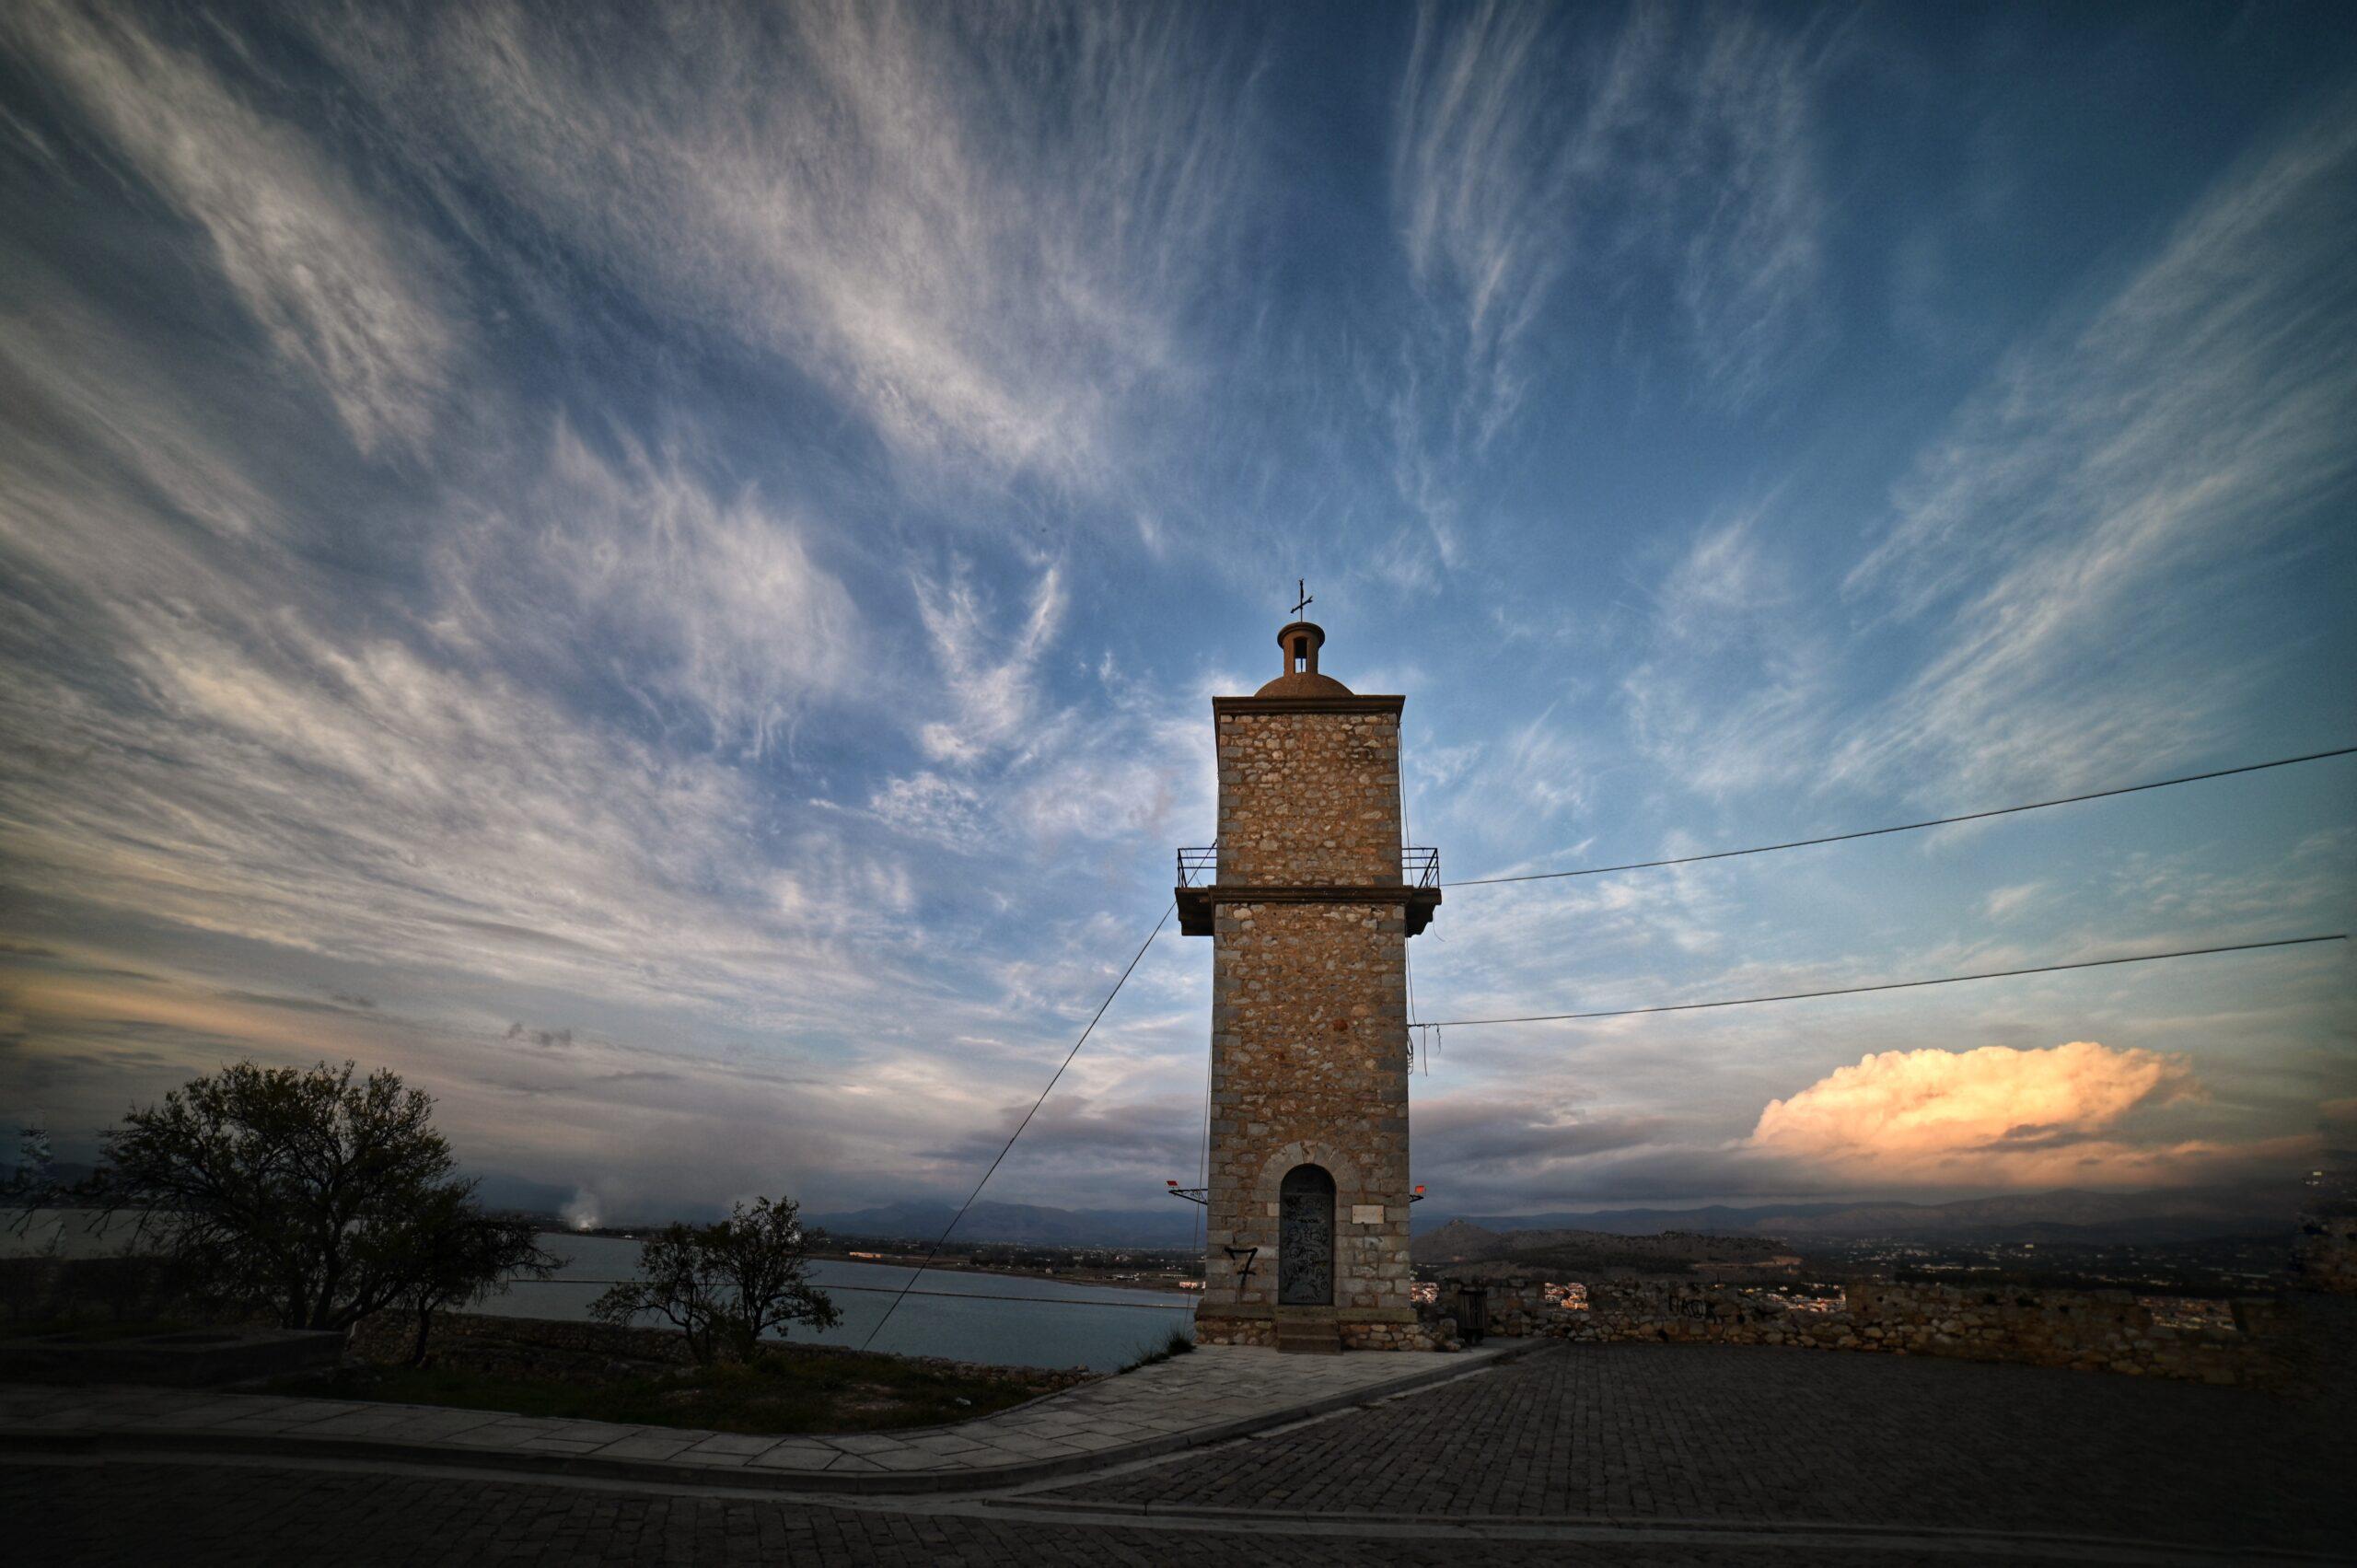 Το ρολόι της πόλης του Ναυπλίου στο κέντρο του κάστρου της Ακροναυπλίας